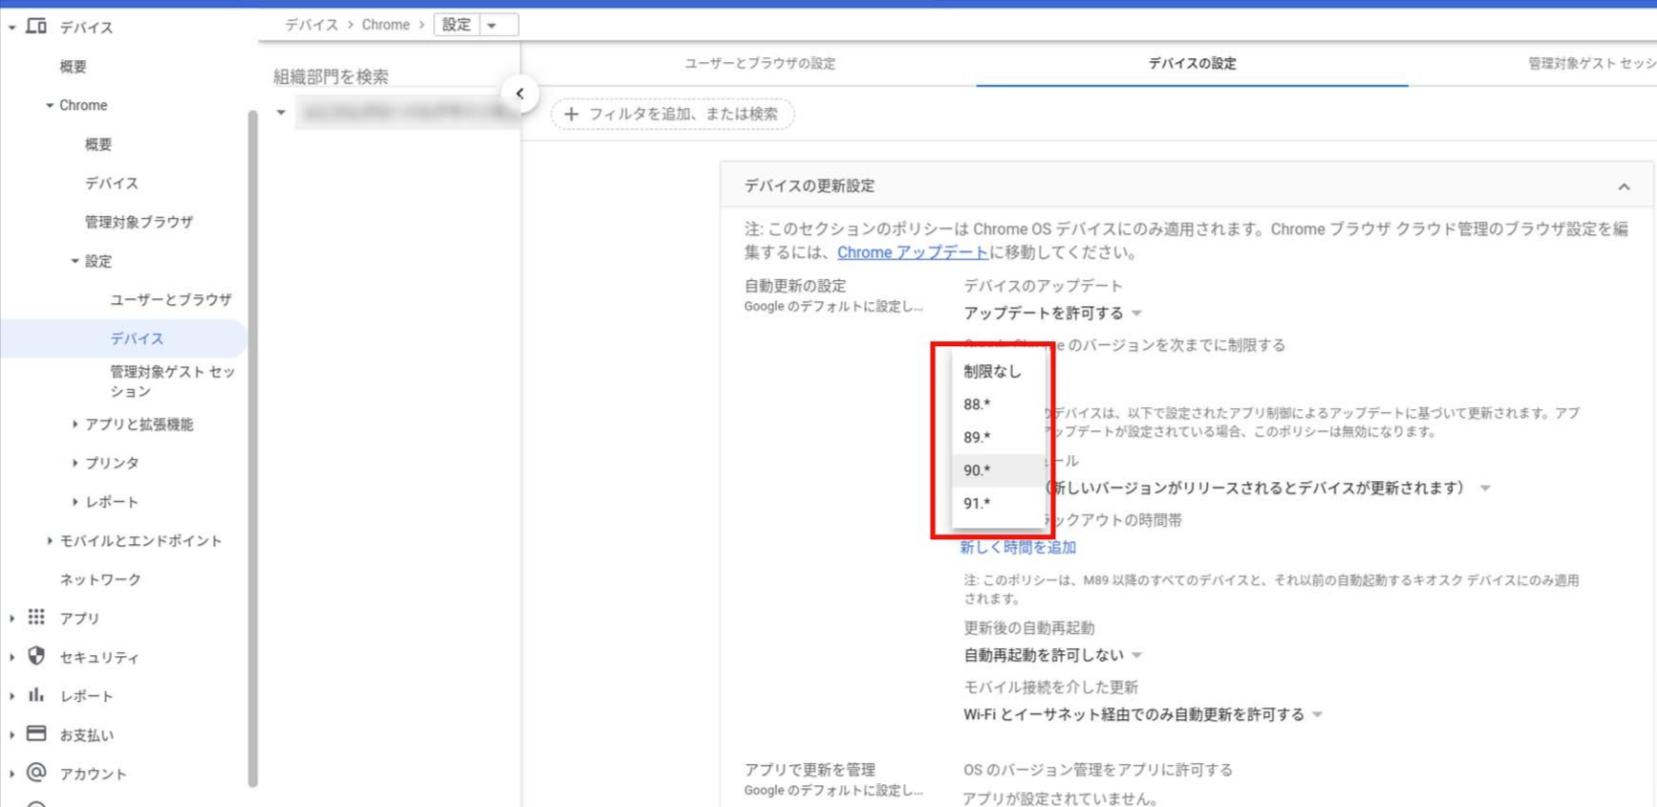 組織で使う Chrome OS のメリット、デメリットとは06